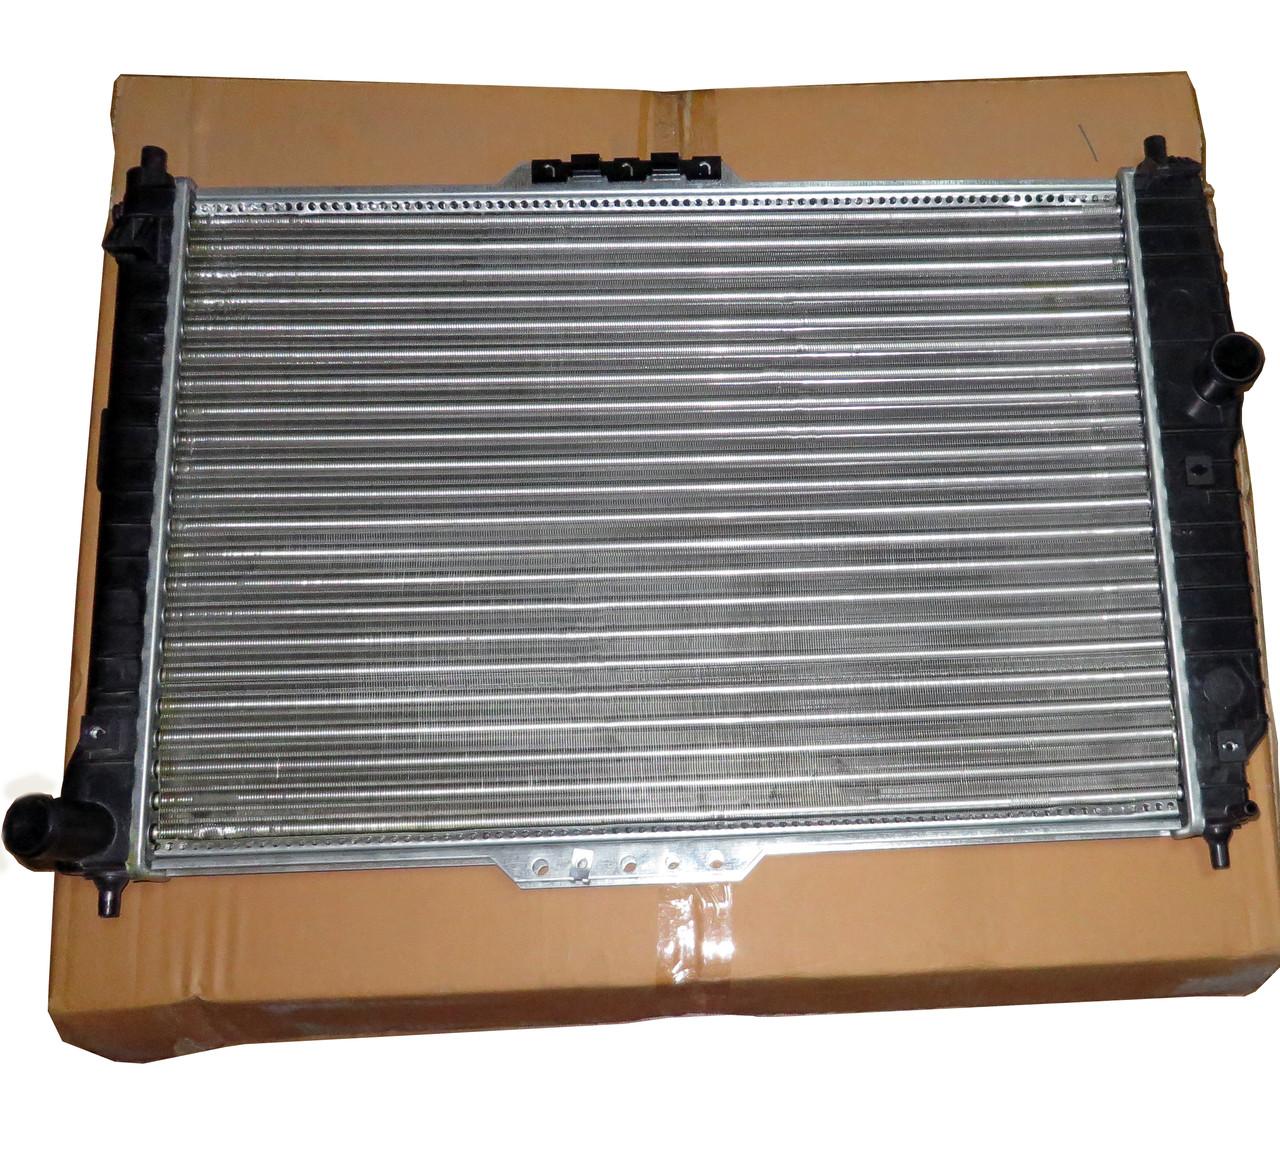 Радиатор основной Авео 1.6 МКПП 600x414x16, 96817344